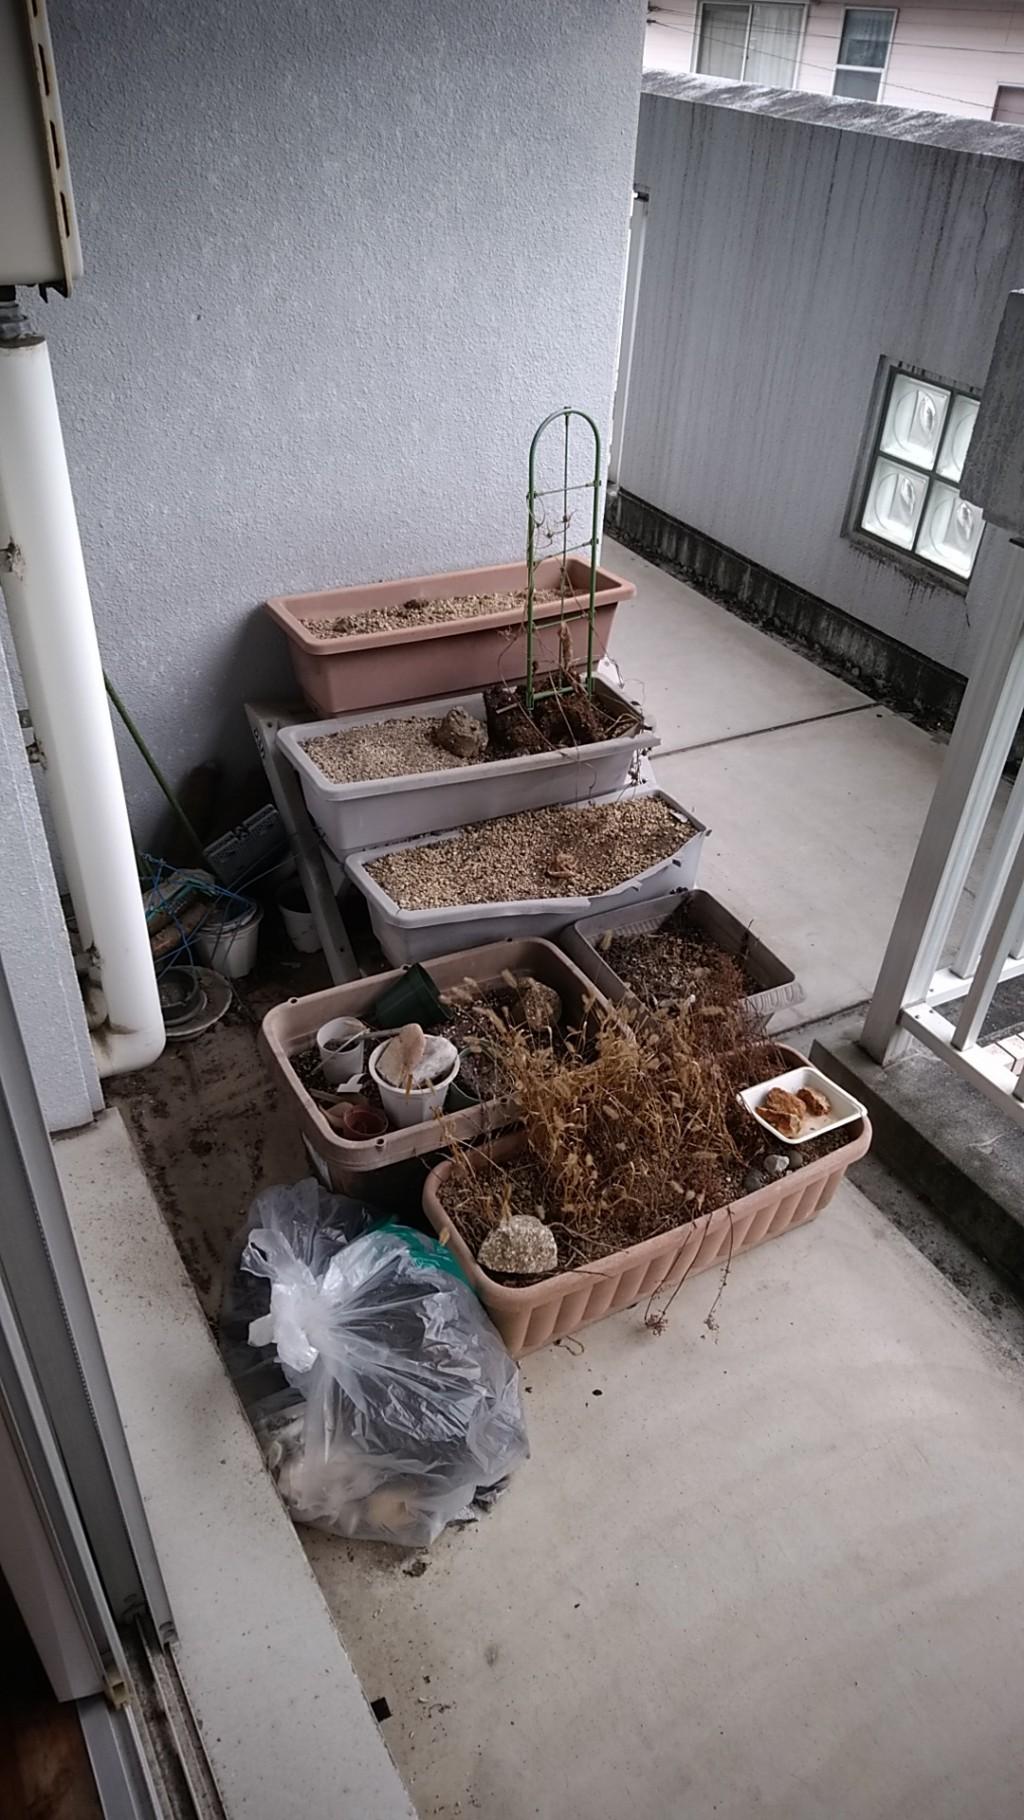 【高知県津野町】ベランダのゴミとハウスクリーニングのご依頼 お客様の声